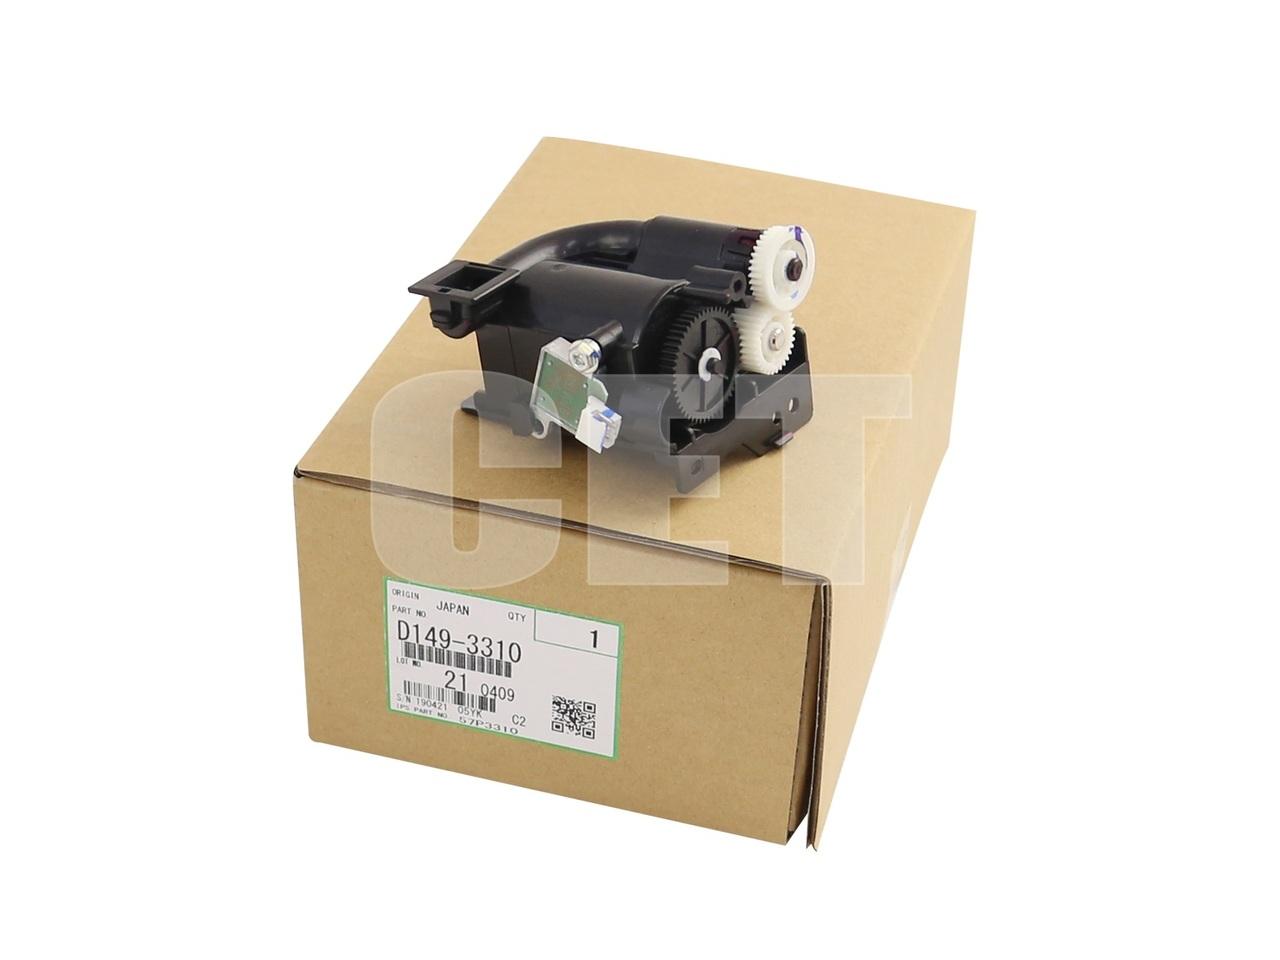 Блок подачи тонера D1493310 для RICOHMPC2011SP/2504/501SP (CET) Yellow, CET561021